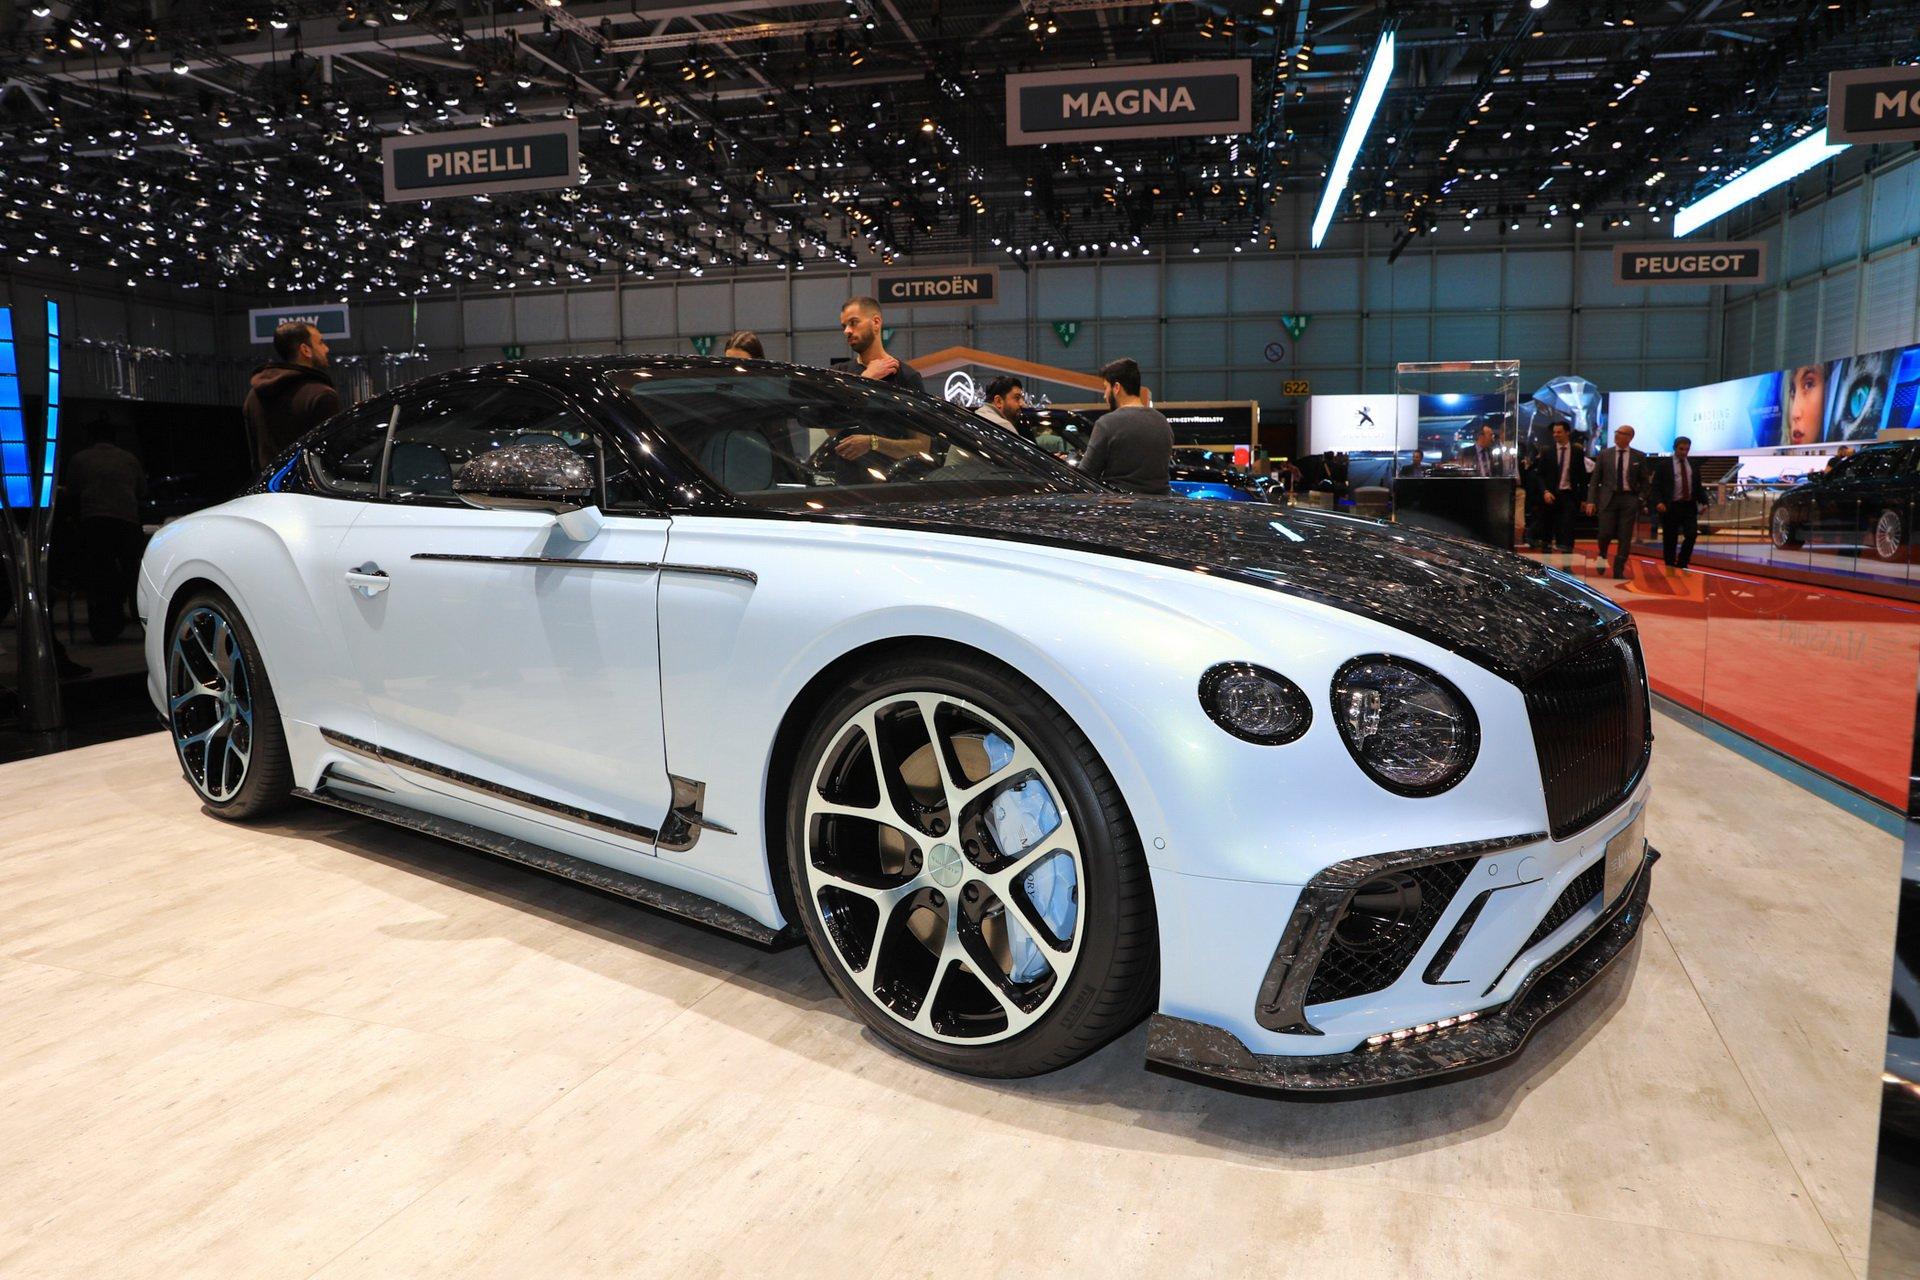 Совершенно точно можно сказать, что одной из самых блистательных премьер тюнера Mansory на Женевском автосалоне стал этот Bentley Continental GT